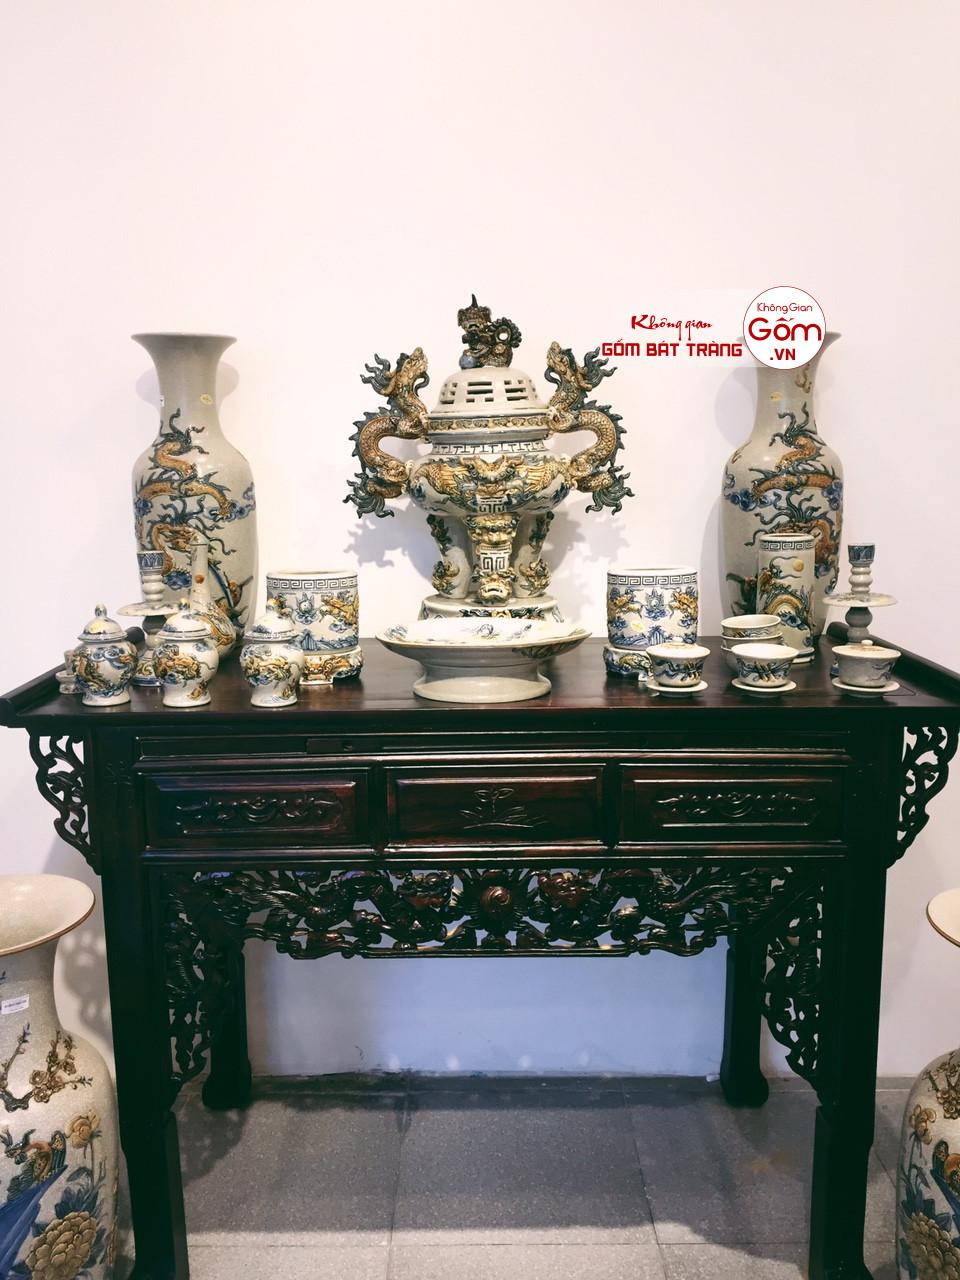 Nên lựa chọn dòng đồ thờ gốm sứ Bát Tràng để kinh doanh đồ thờ cúng